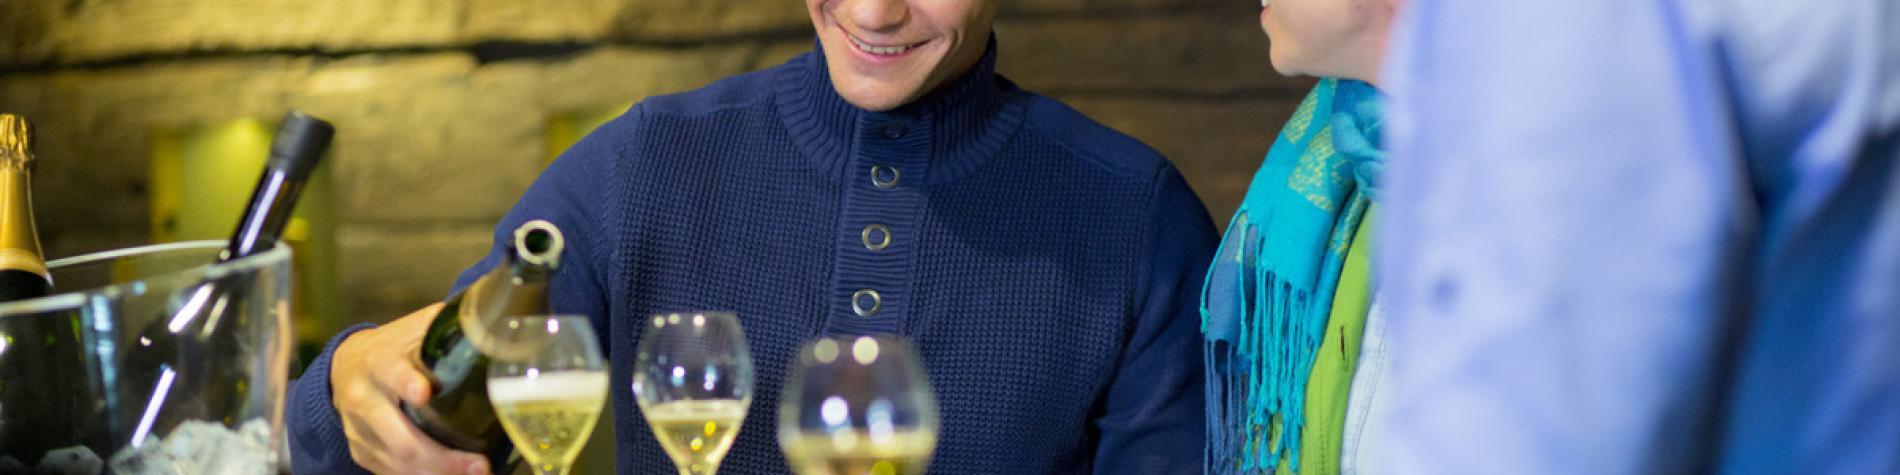 Domaine du chant d'Éole - Vignoble -Discover Belgium - Vins wallons